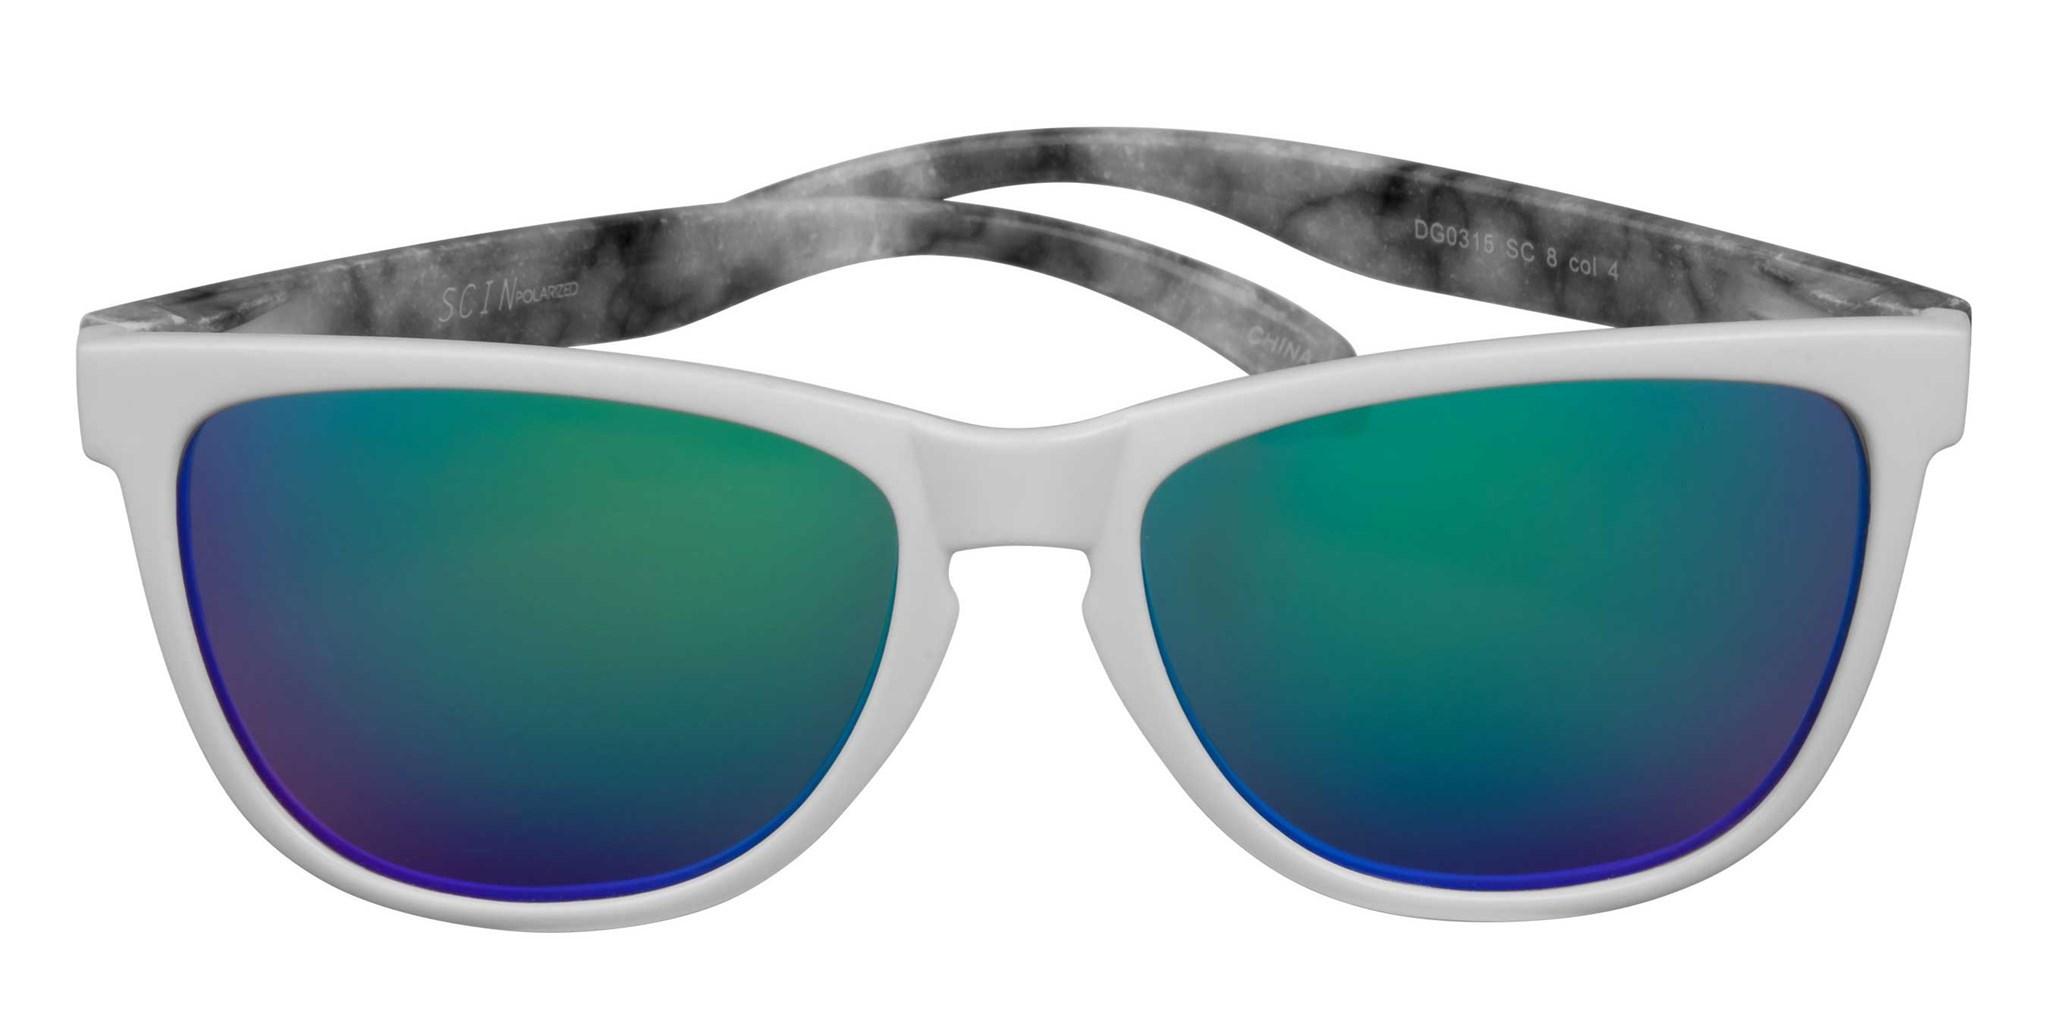 183f2e5af1 Scin Polarized - Bugaboos Eyewear CA